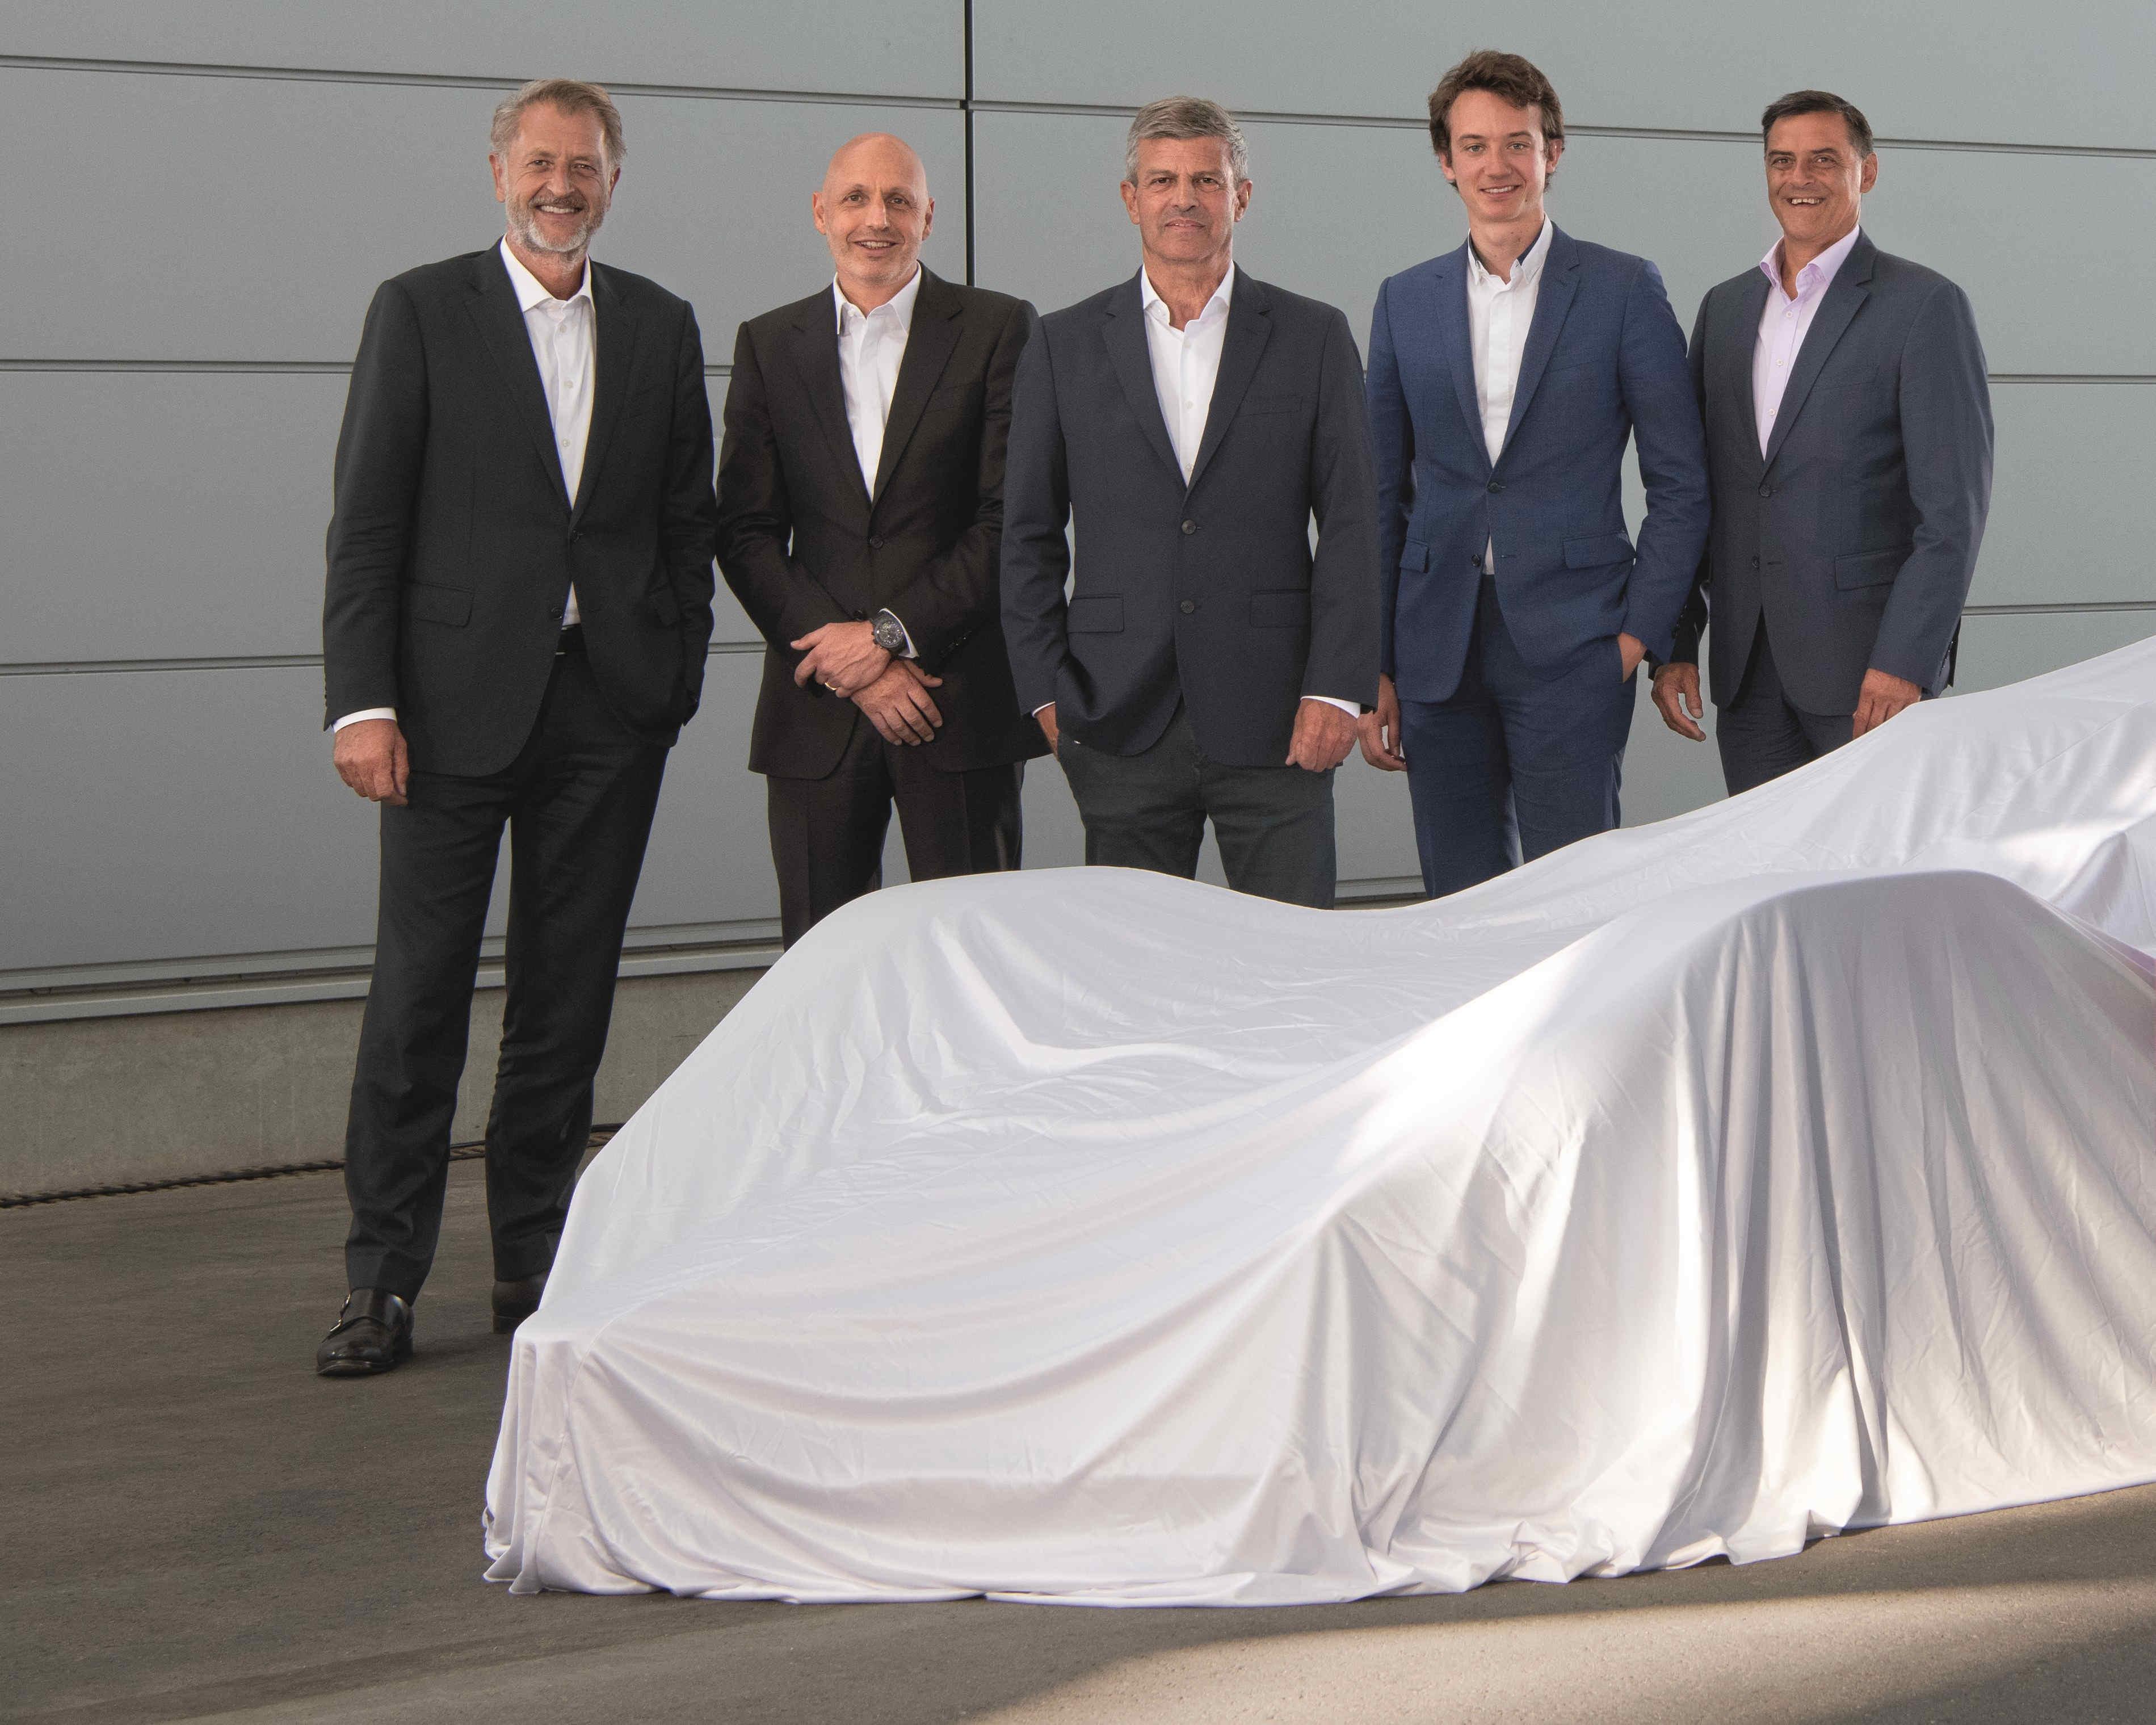 泰格豪雅正式成保时捷电动方程式车队冠名及合